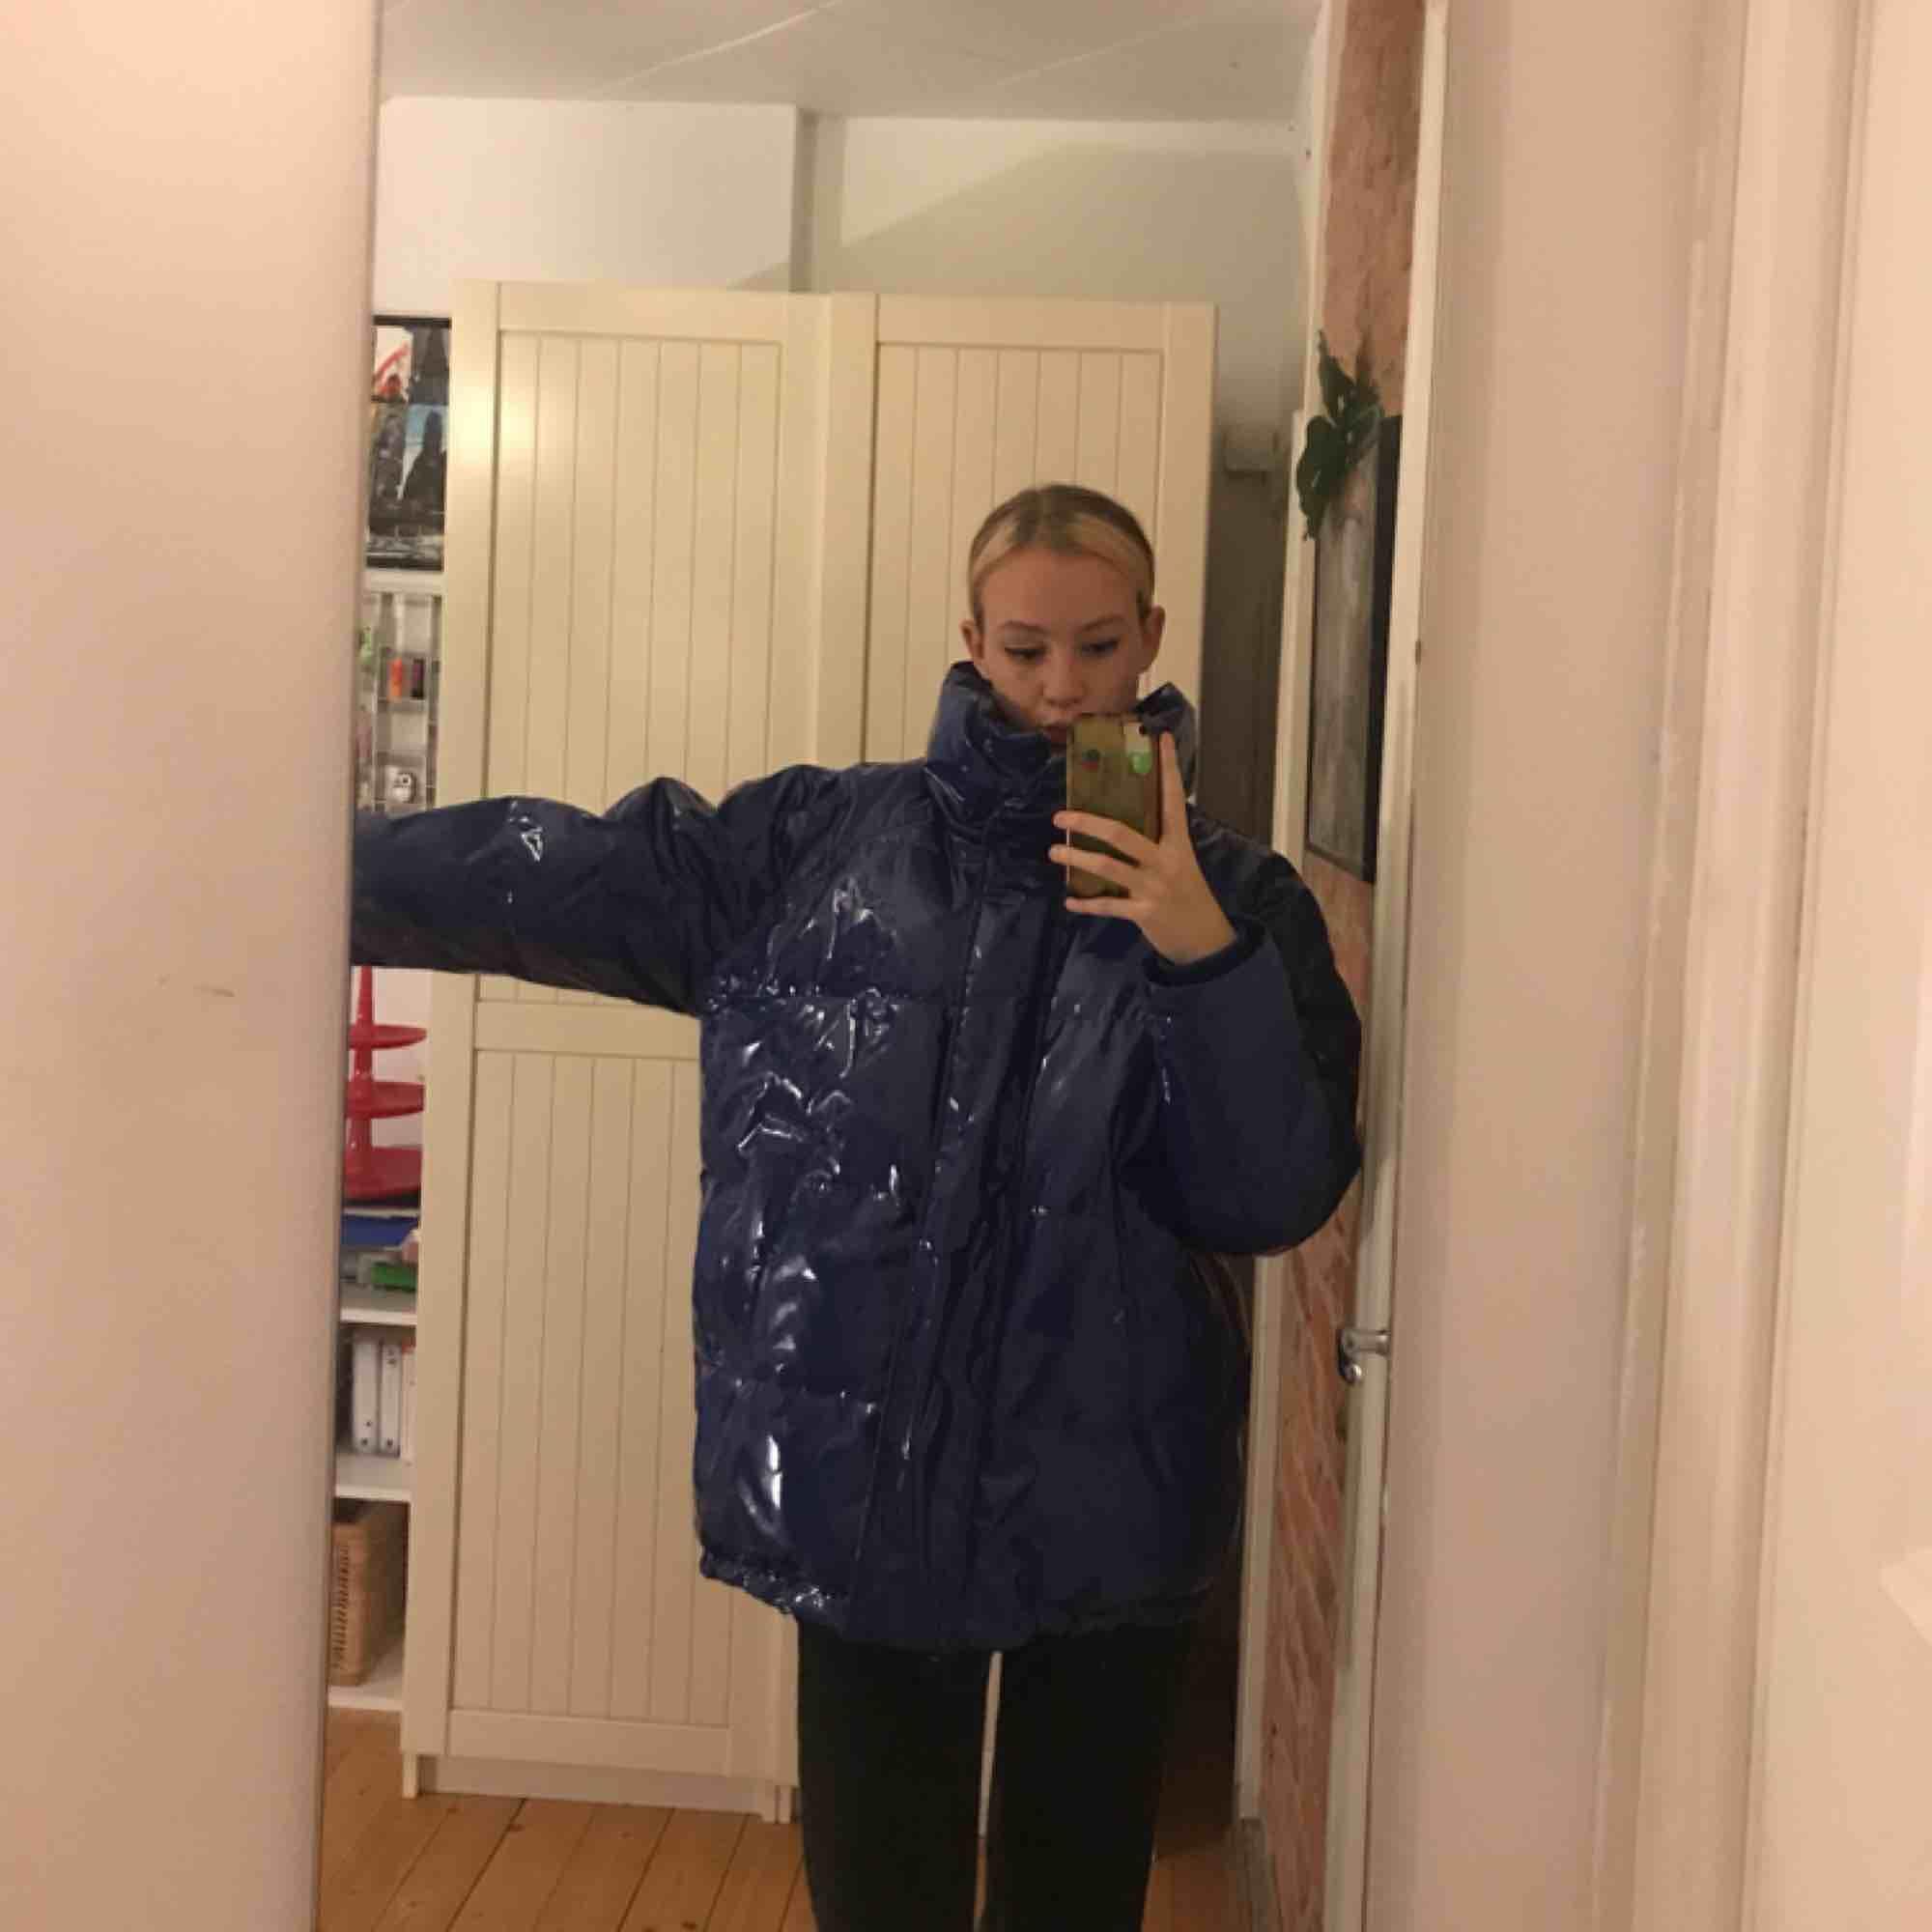 Stor härlig vinterjacka💘 blått glansigt material och skitsnygg på hösten och vintern! Sitter oversized för mig som oftast har xs-s❤️skitmysig verkligen . Jackor.